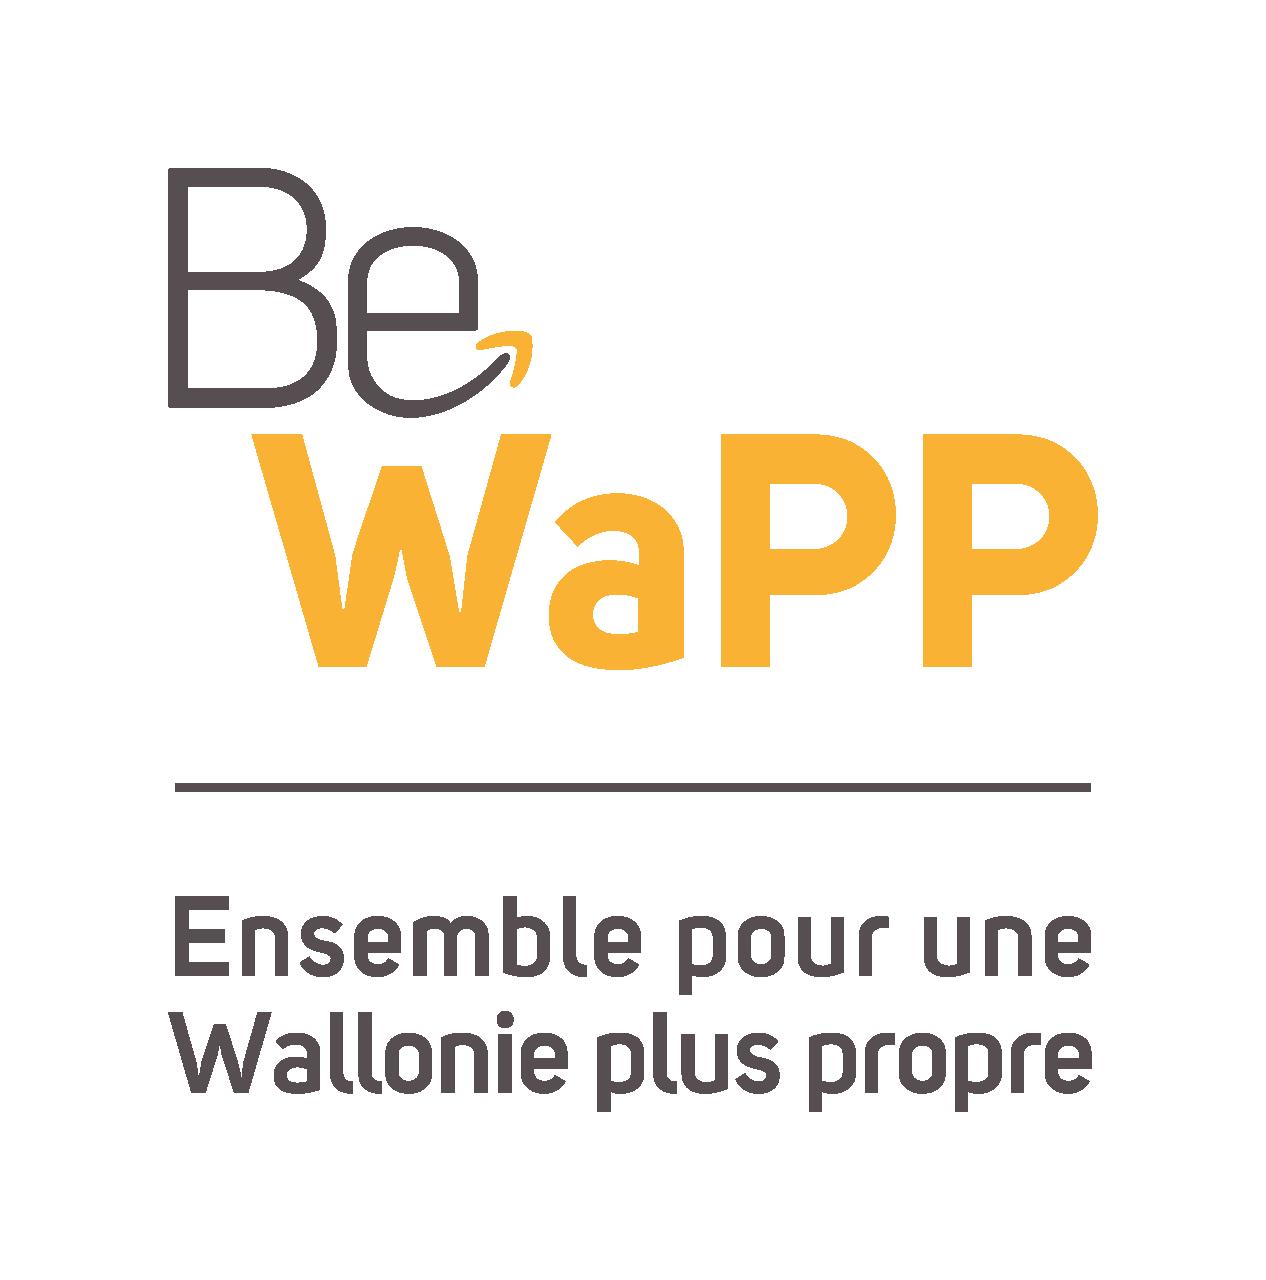 BeWapp